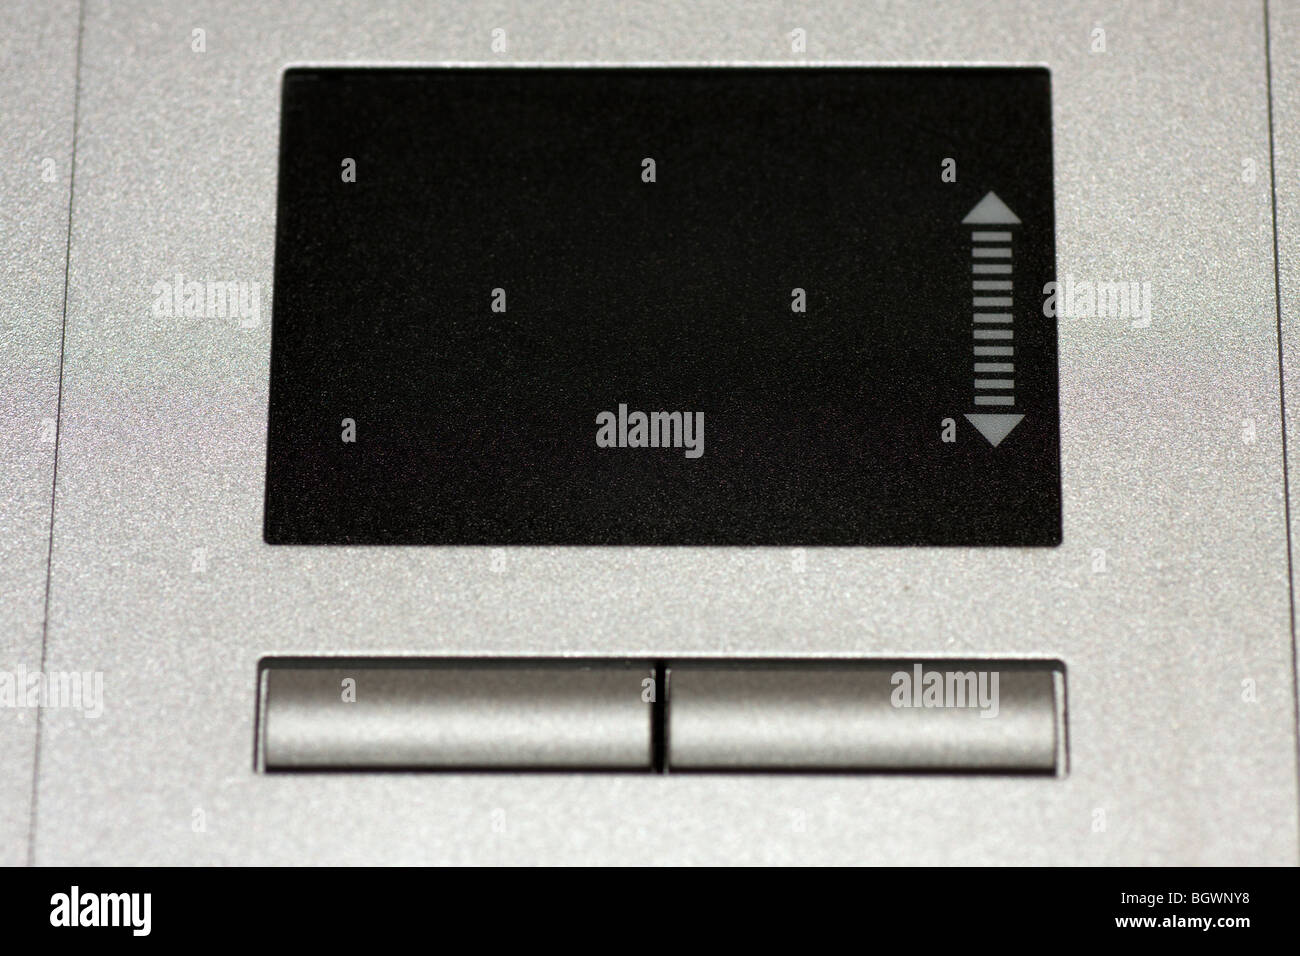 Gros plan du clavier de l'ordinateur tablette tactile. Photo Stock